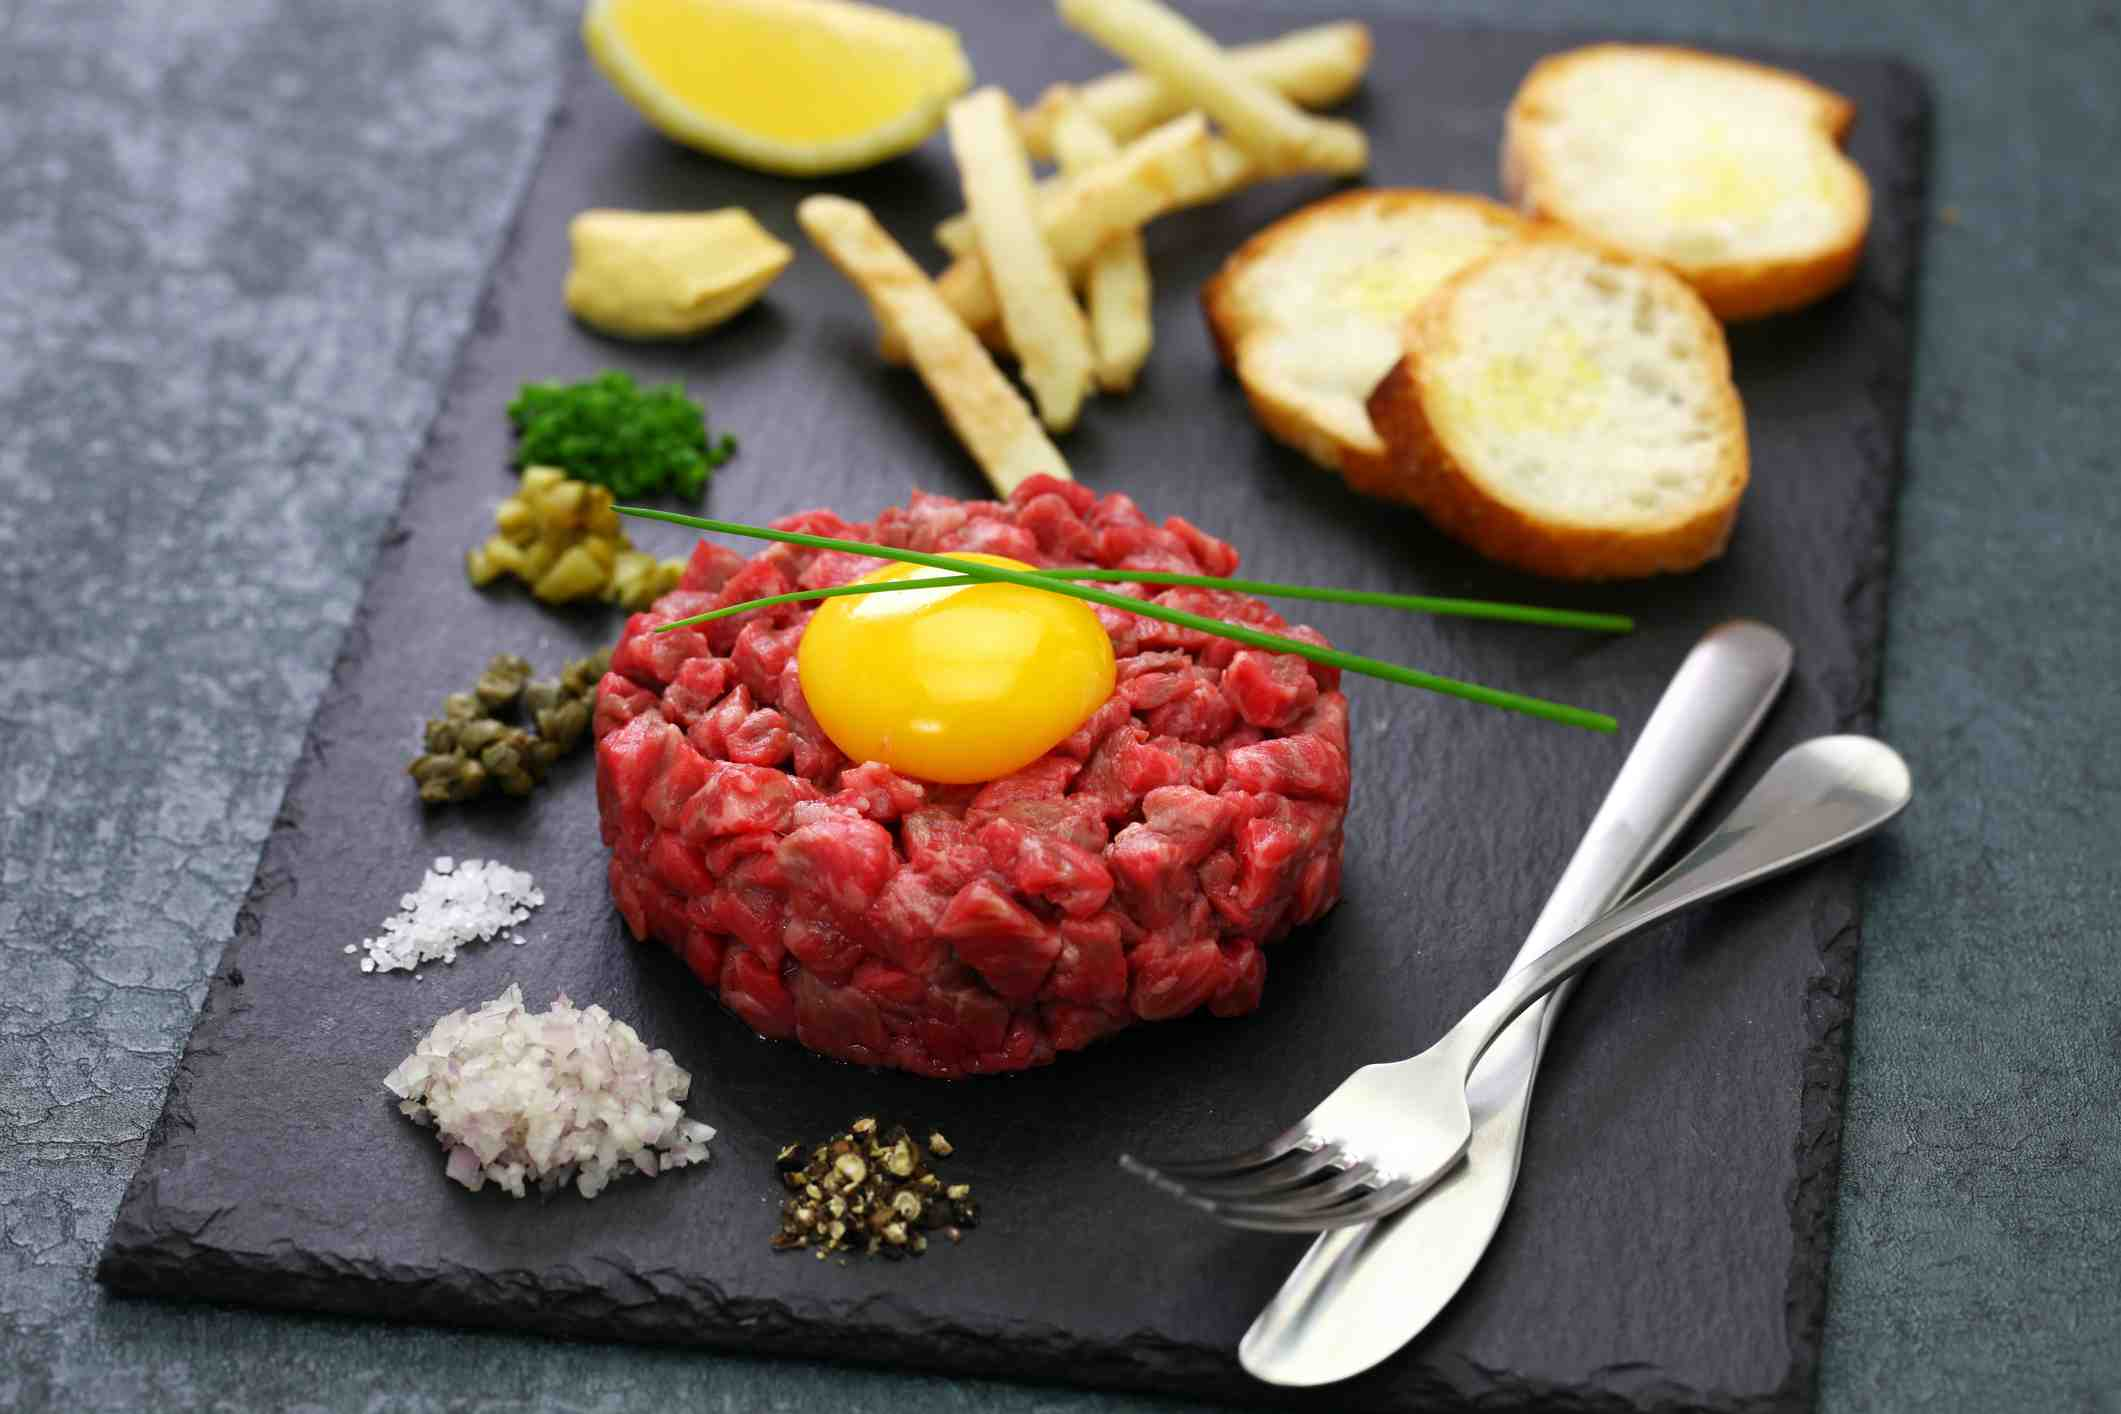 Hovězí tatarák s kapary - nejlepší recept, jak připravit tatarský biftek